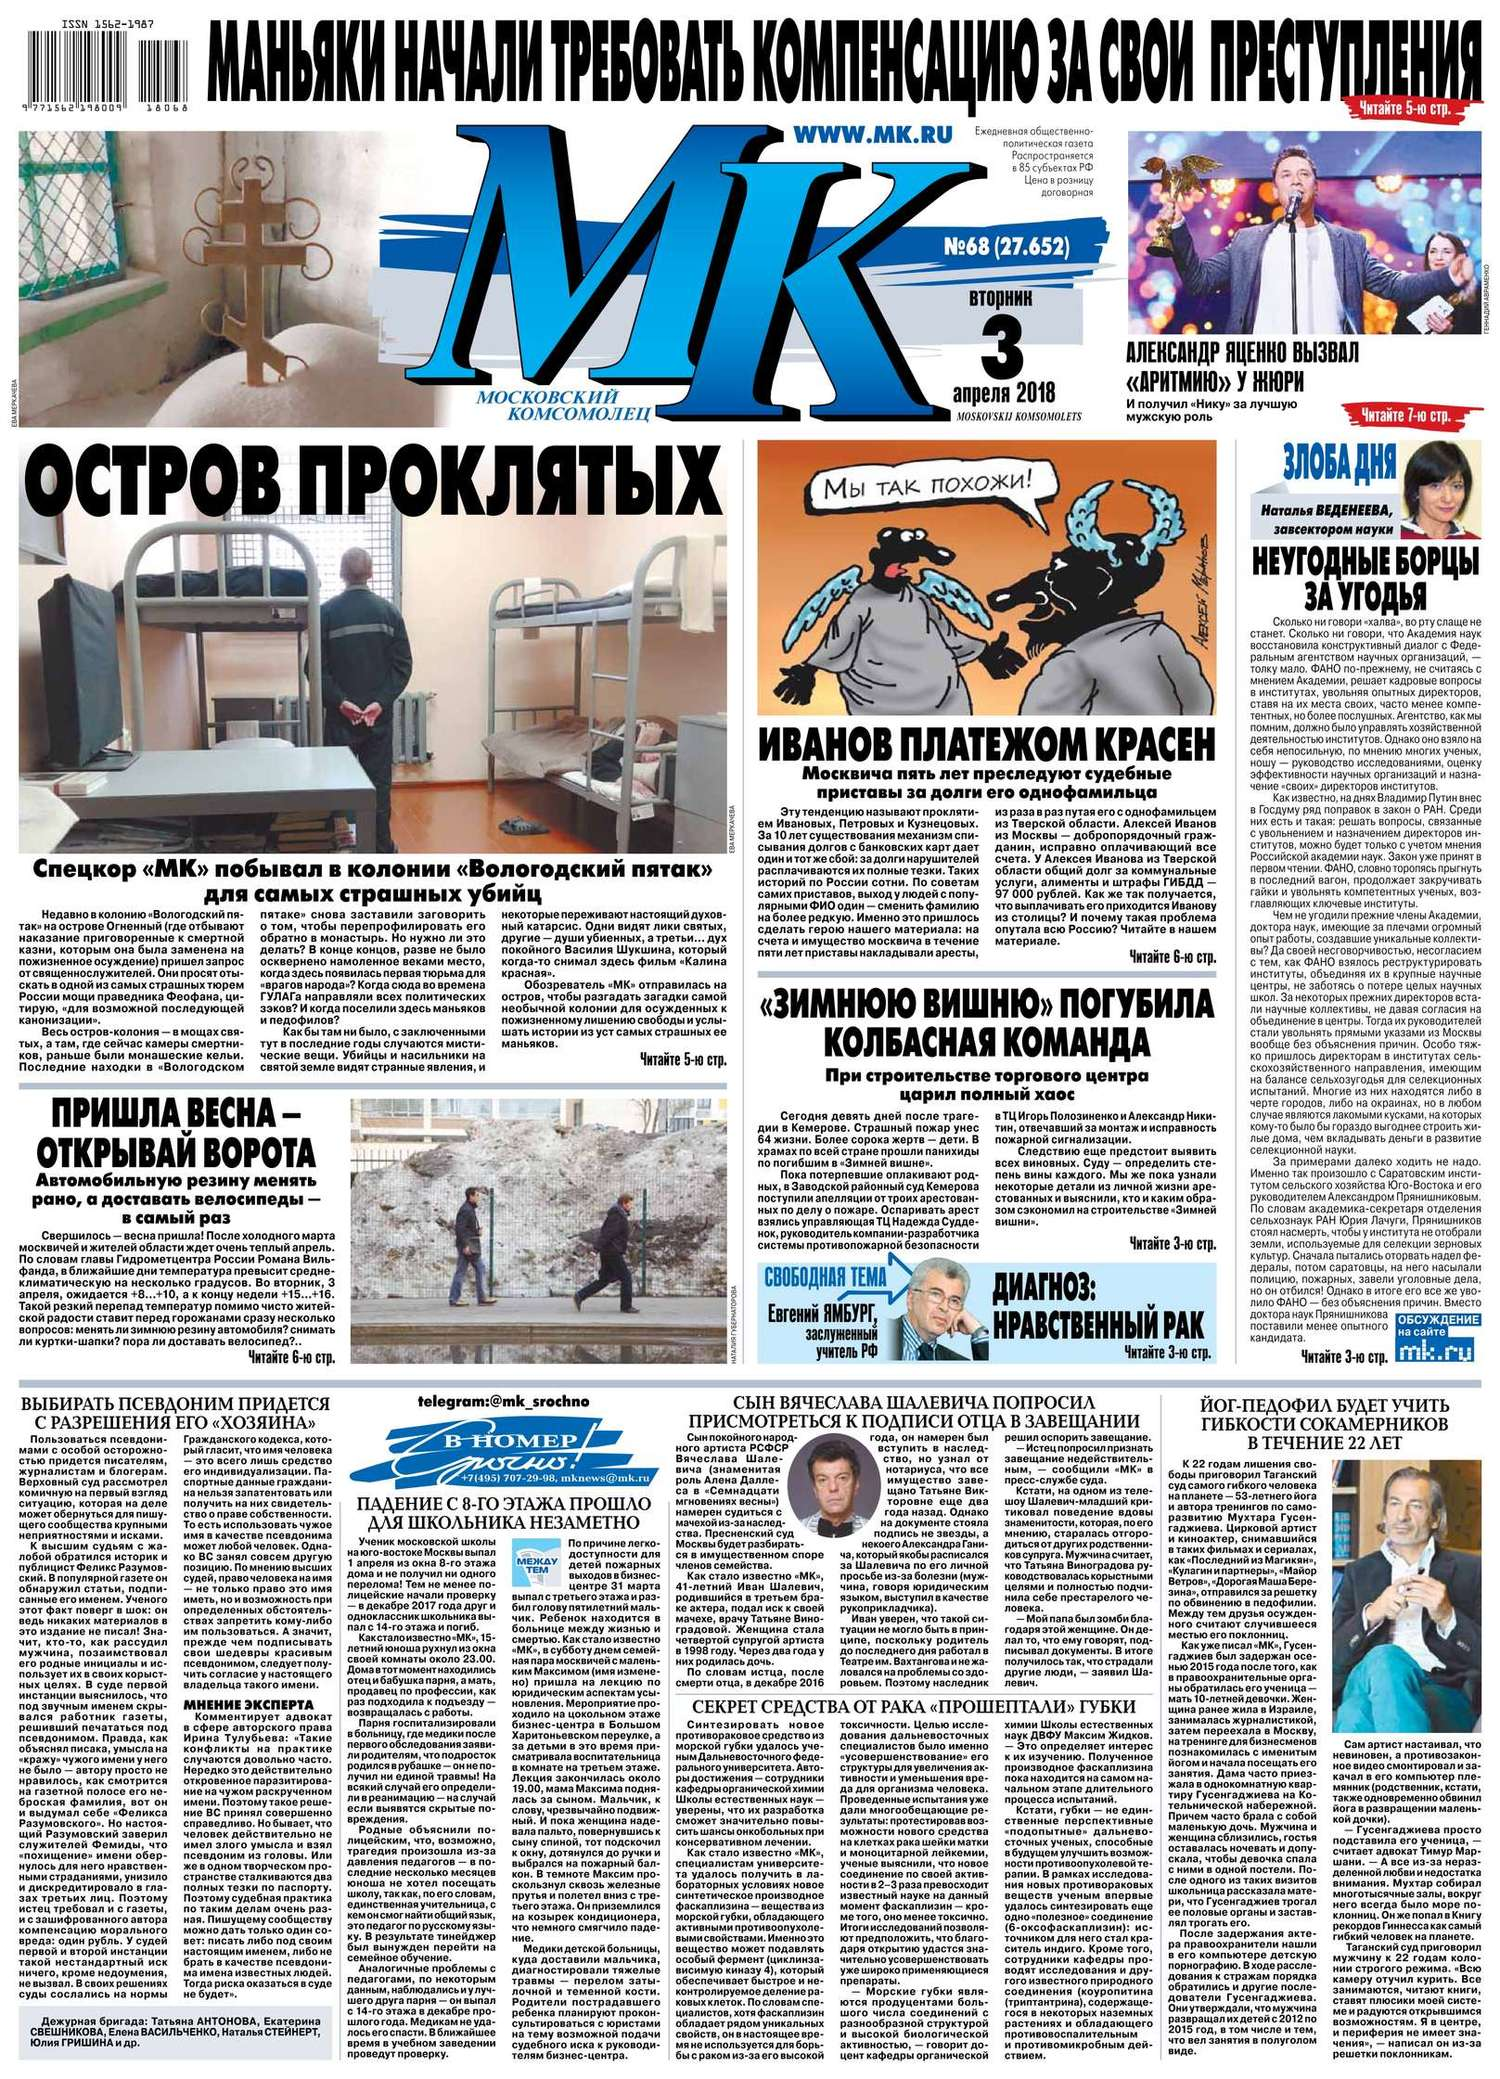 Редакция газеты МК Московский комсомолец. МК Московский Комсомолец 68-2018